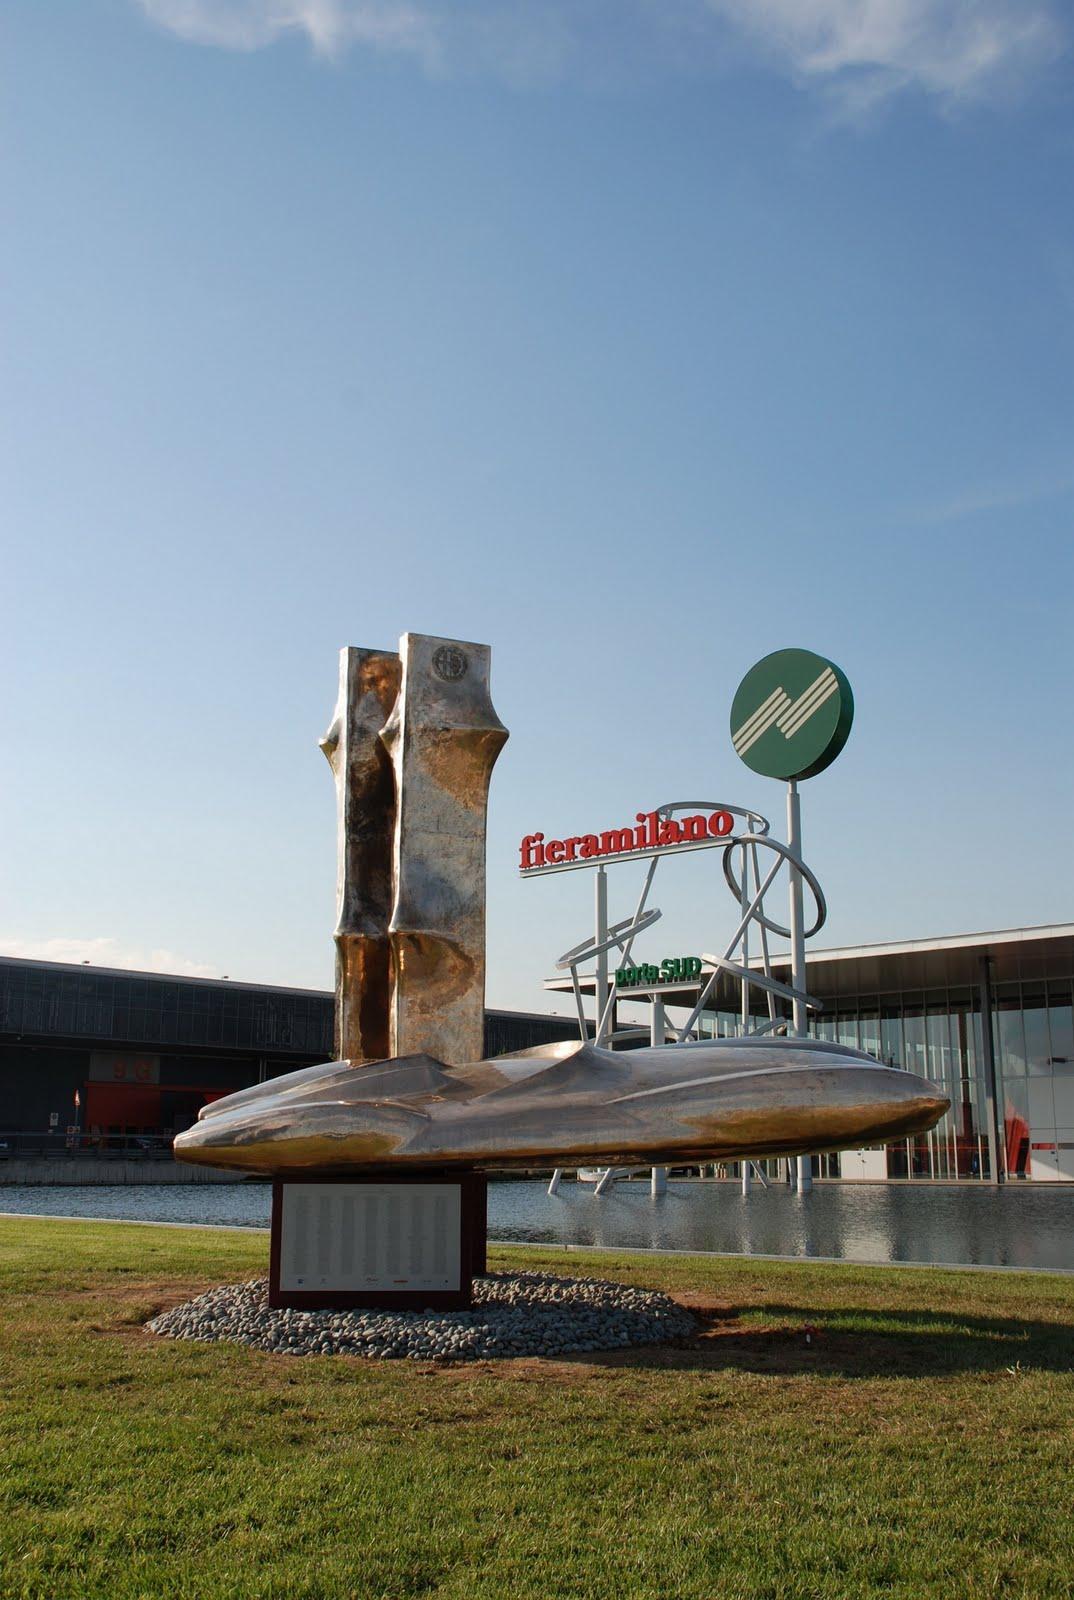 http://1.bp.blogspot.com/_FoXyvaPSnVk/TCOX8zWsmCI/AAAAAAAC_r4/iFTDjv_H1u8/s1600/Alfa-Romeo-Disco-Volante-Sculpture-2.jpg